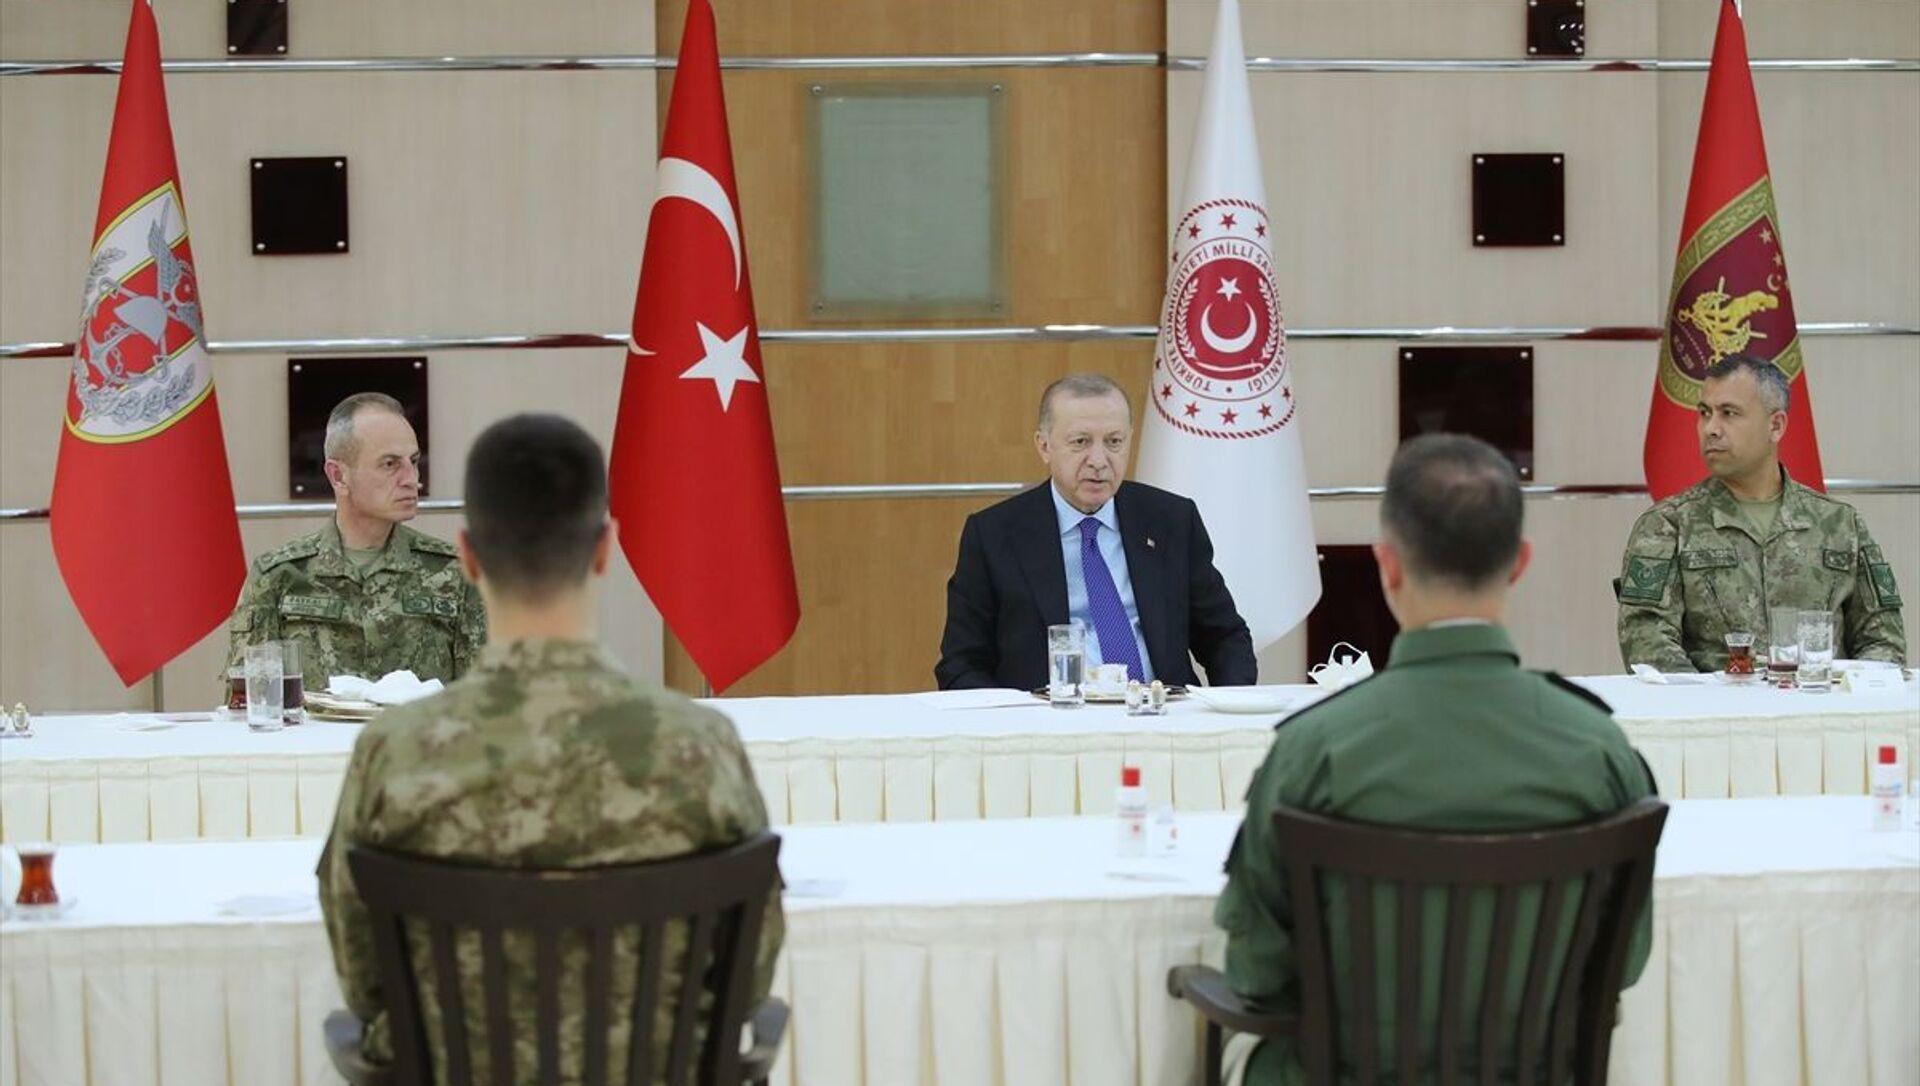 Cumhurbaşkanı Recep Tayyip Erdoğan, 4. Kolordu Komutanlığını ziyaret ederek iftarda askerlerle bir araya geldi. - Sputnik Türkiye, 1920, 29.04.2021